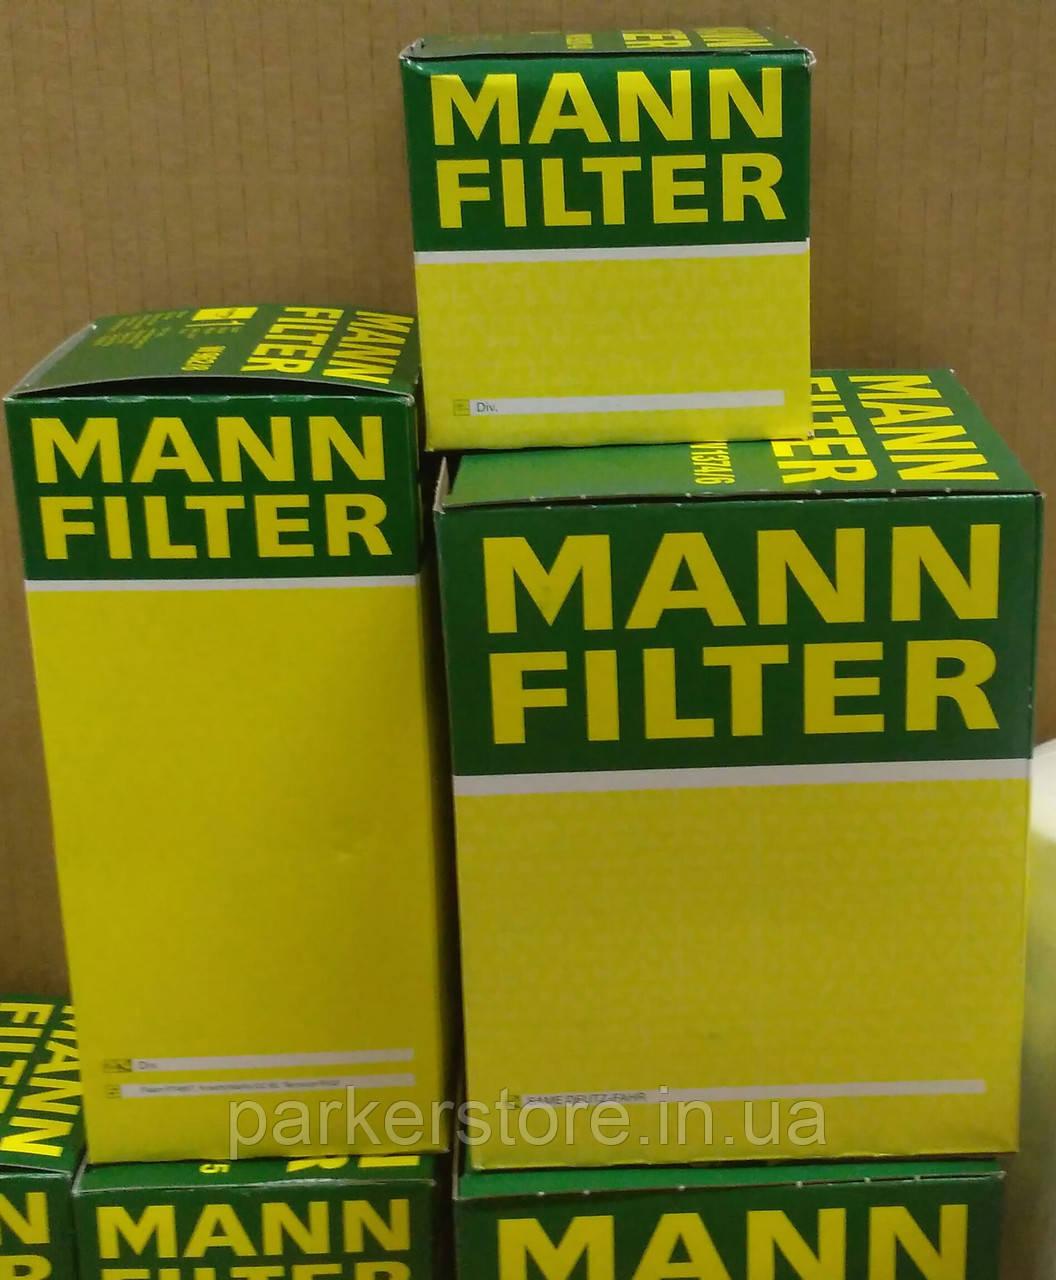 MANN FILTER / Повітряний фільтр / C 3073 / C3073